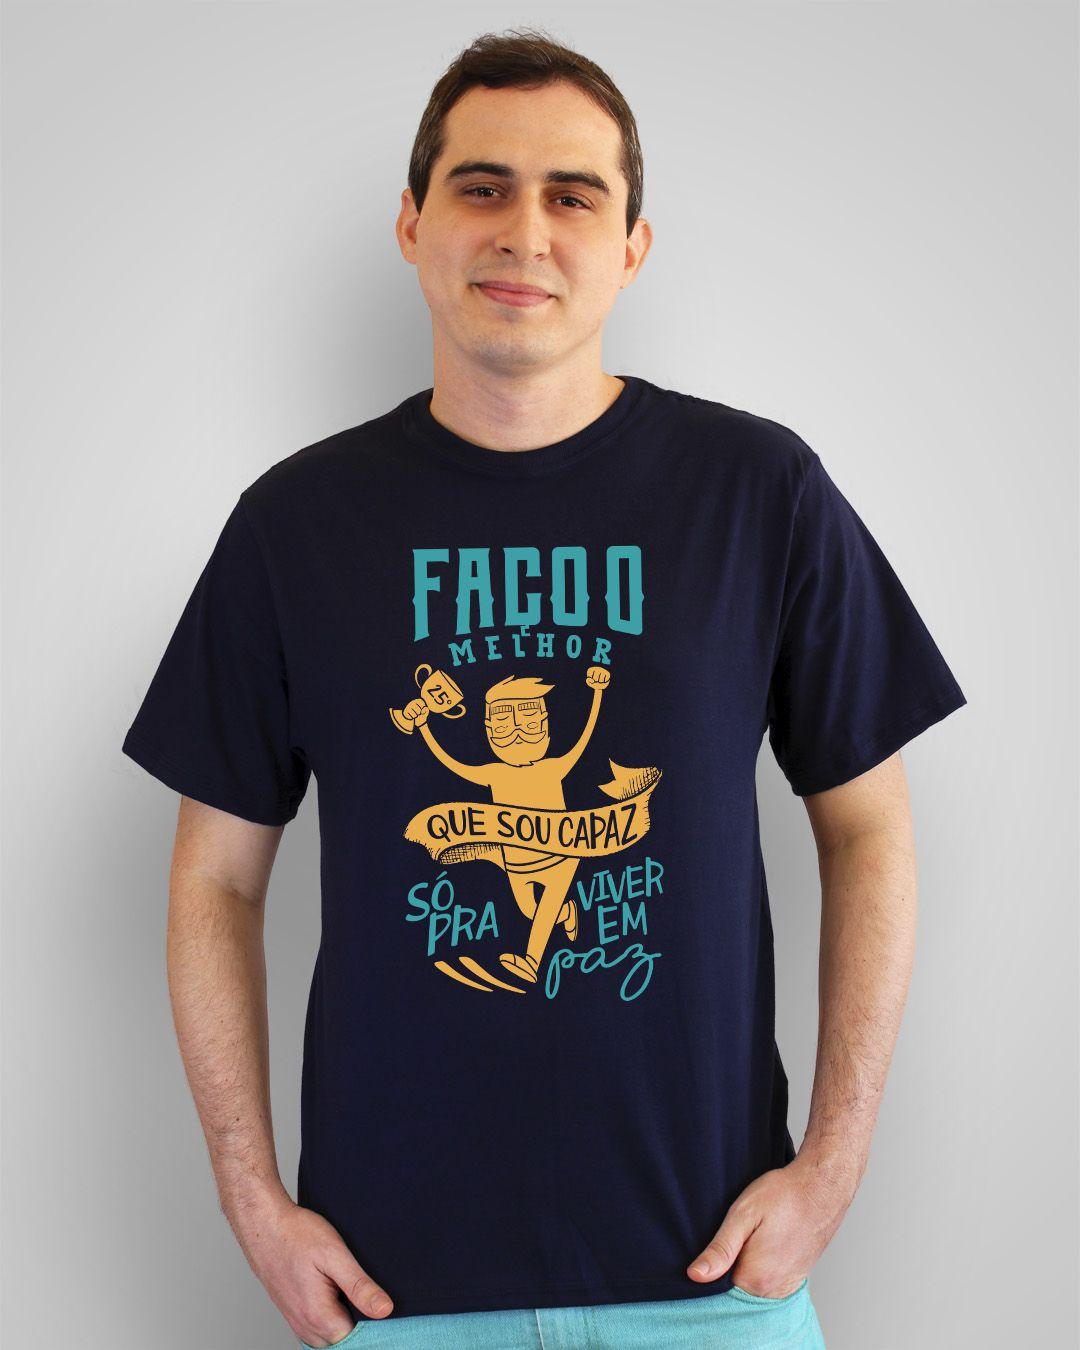 Camiseta Faço o melhor que sou capaz, só pra viver em paz - Los Hermanos